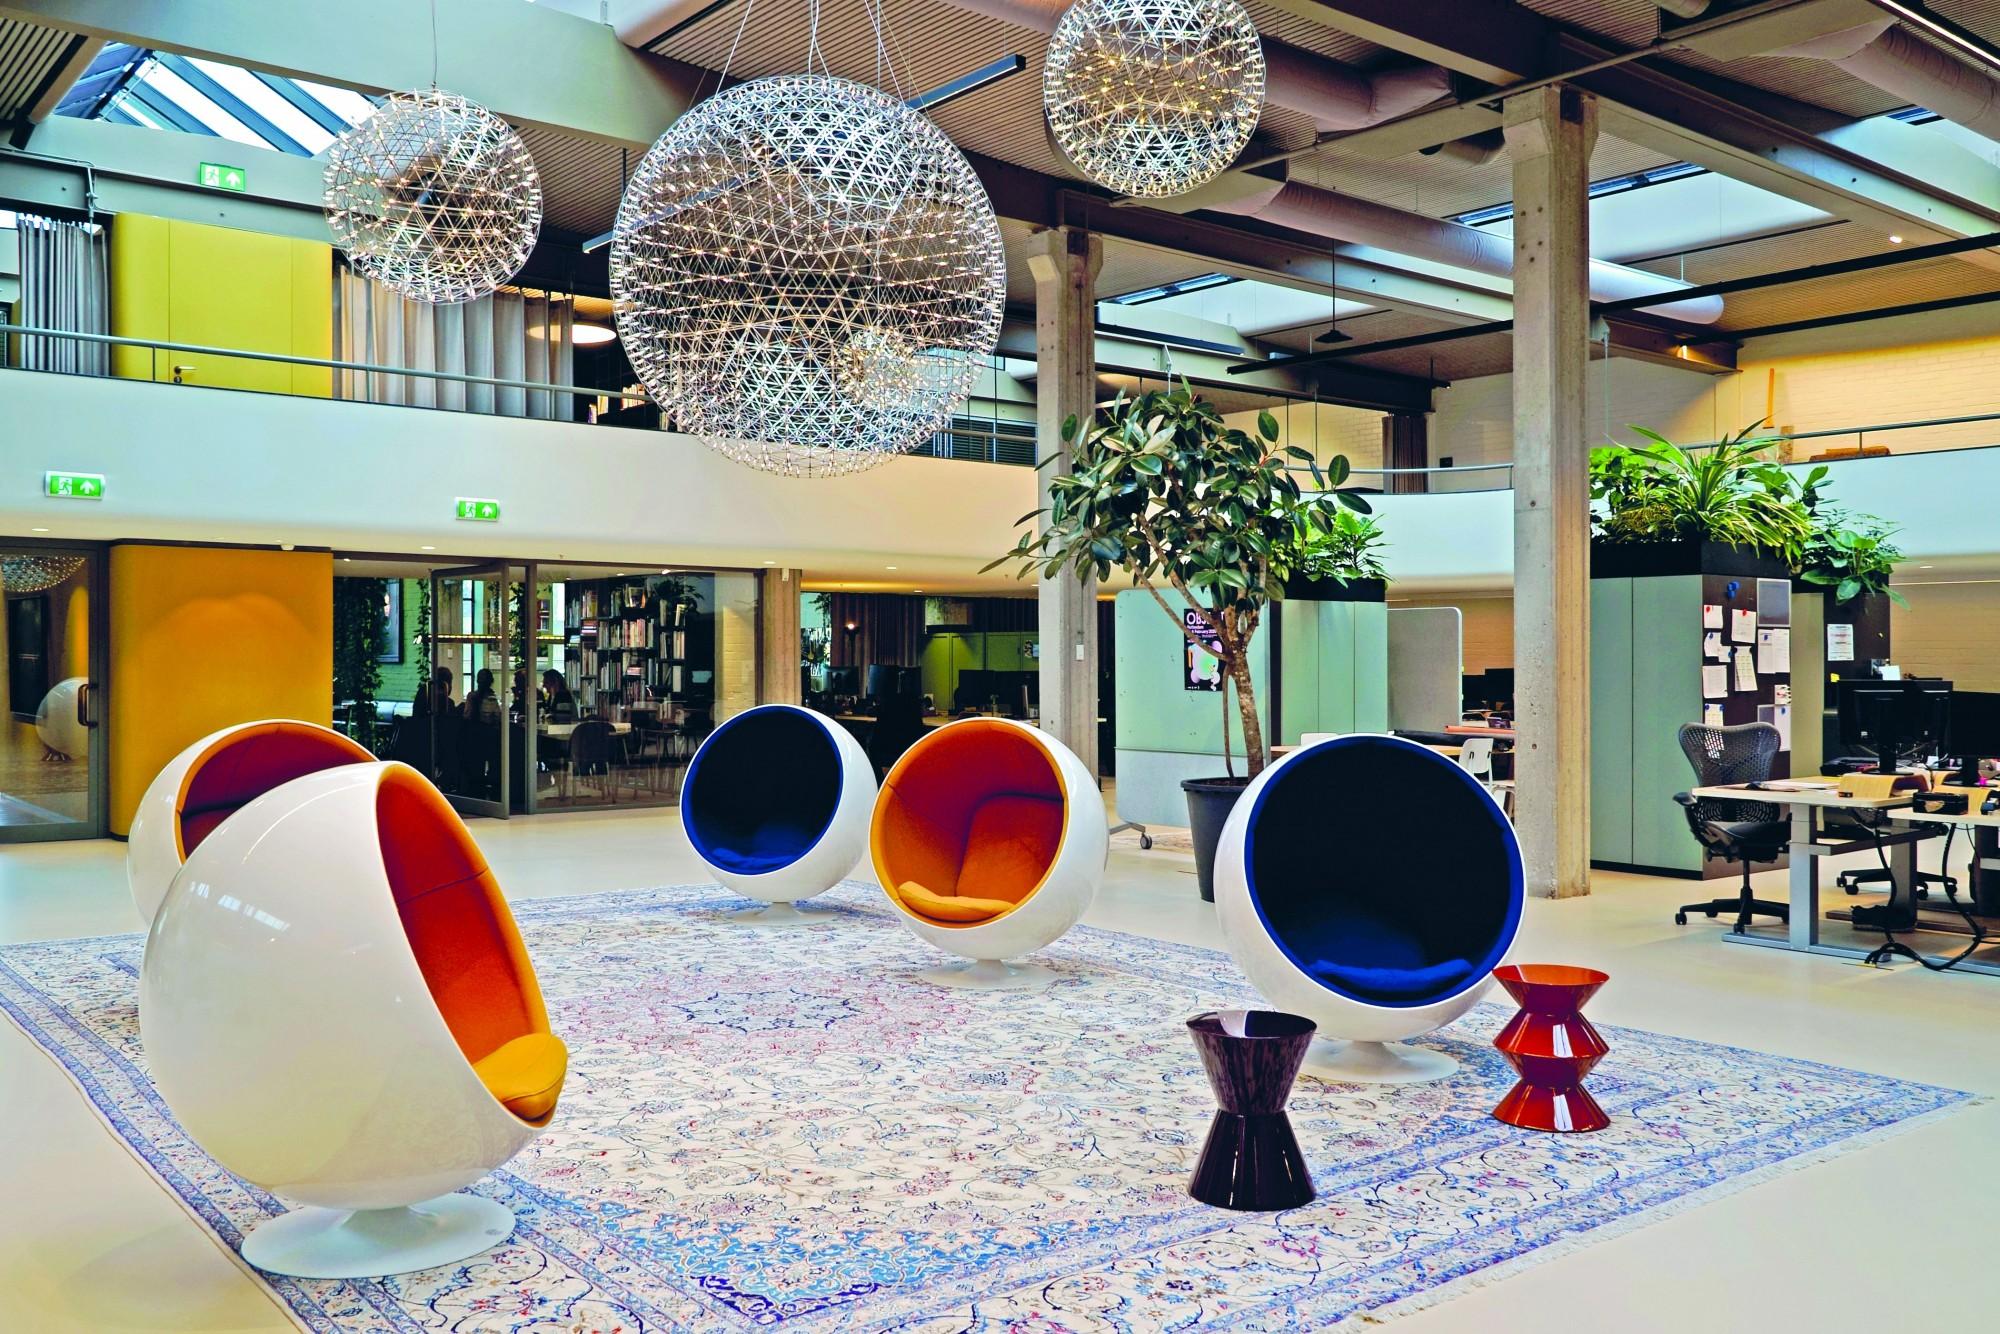 Post 65 architectuur in Den Haag  1965 - 1995